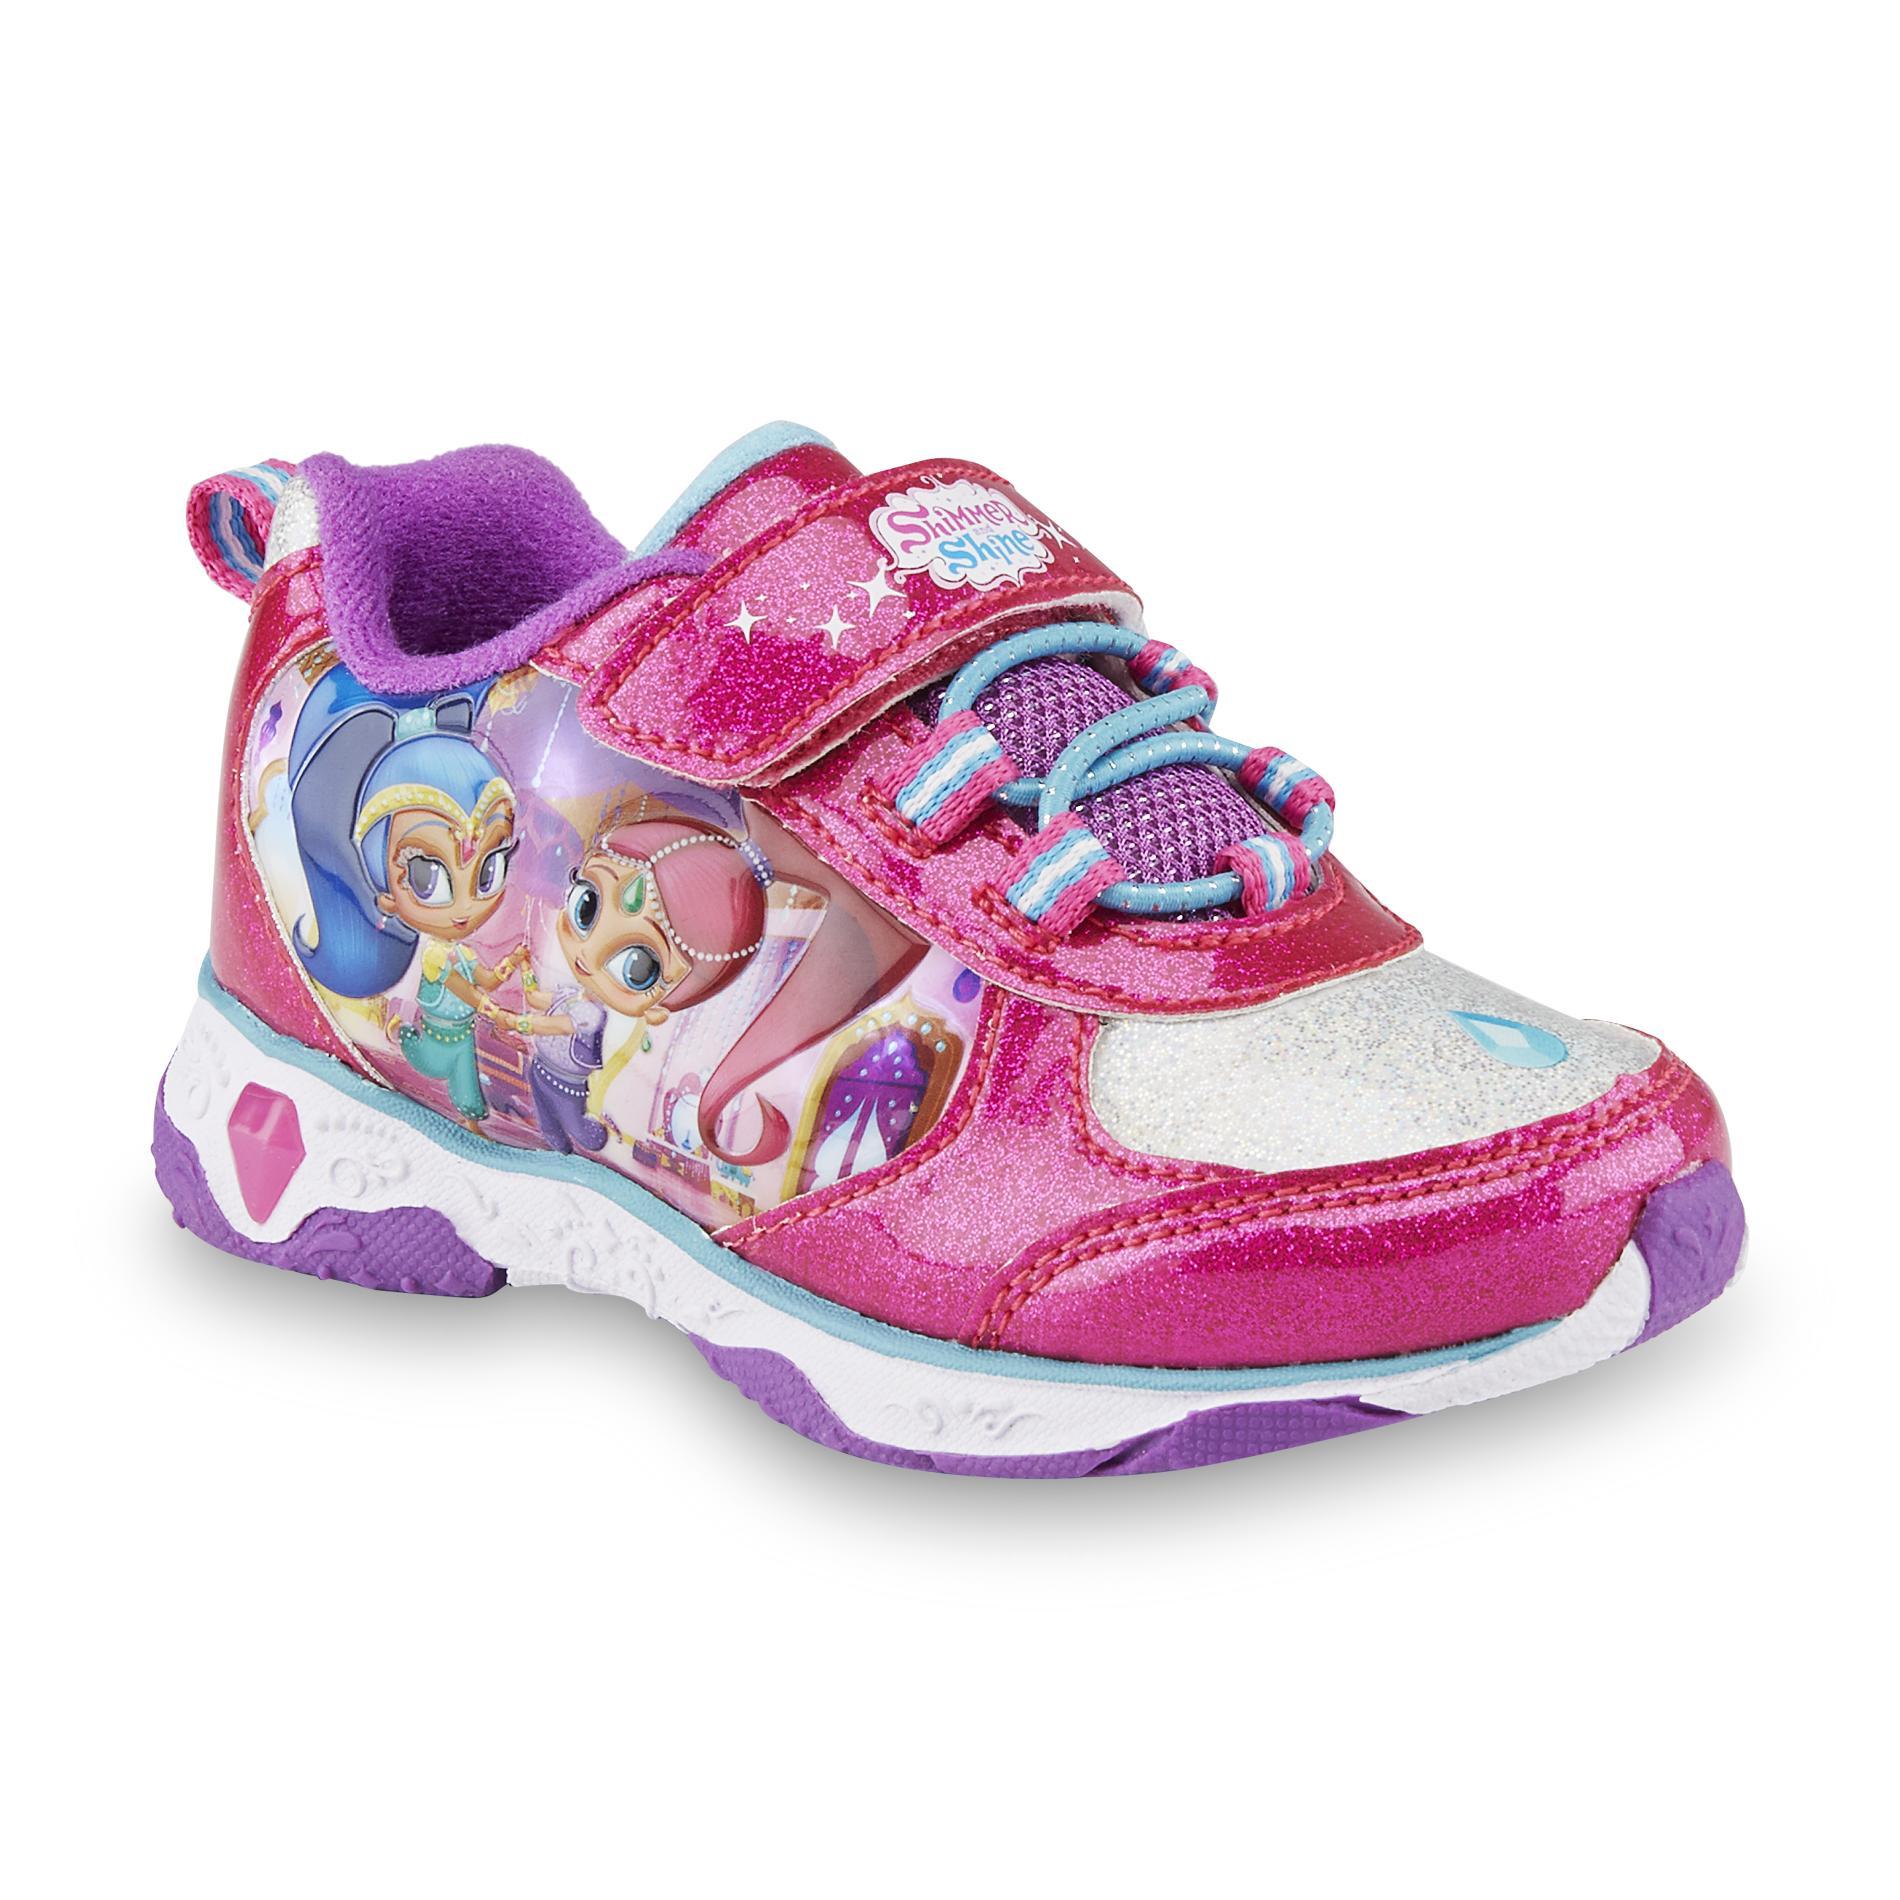 Tesco Girls Shoes